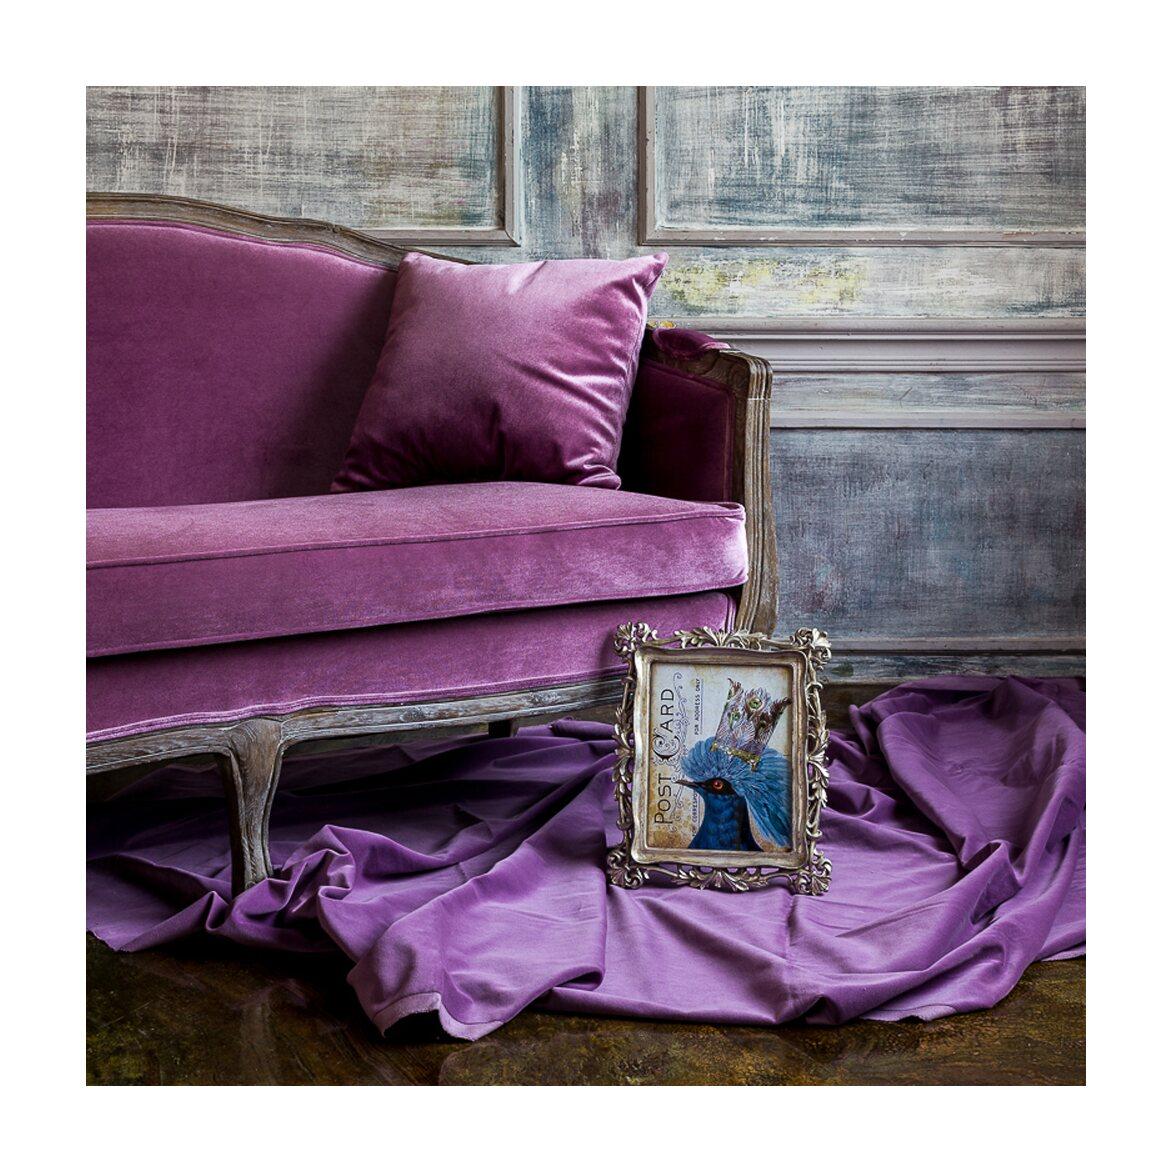 Софа «Прованс» двухместная (дуб,велюр/фиалковый антик) 5 | Прямые диваны Kingsby